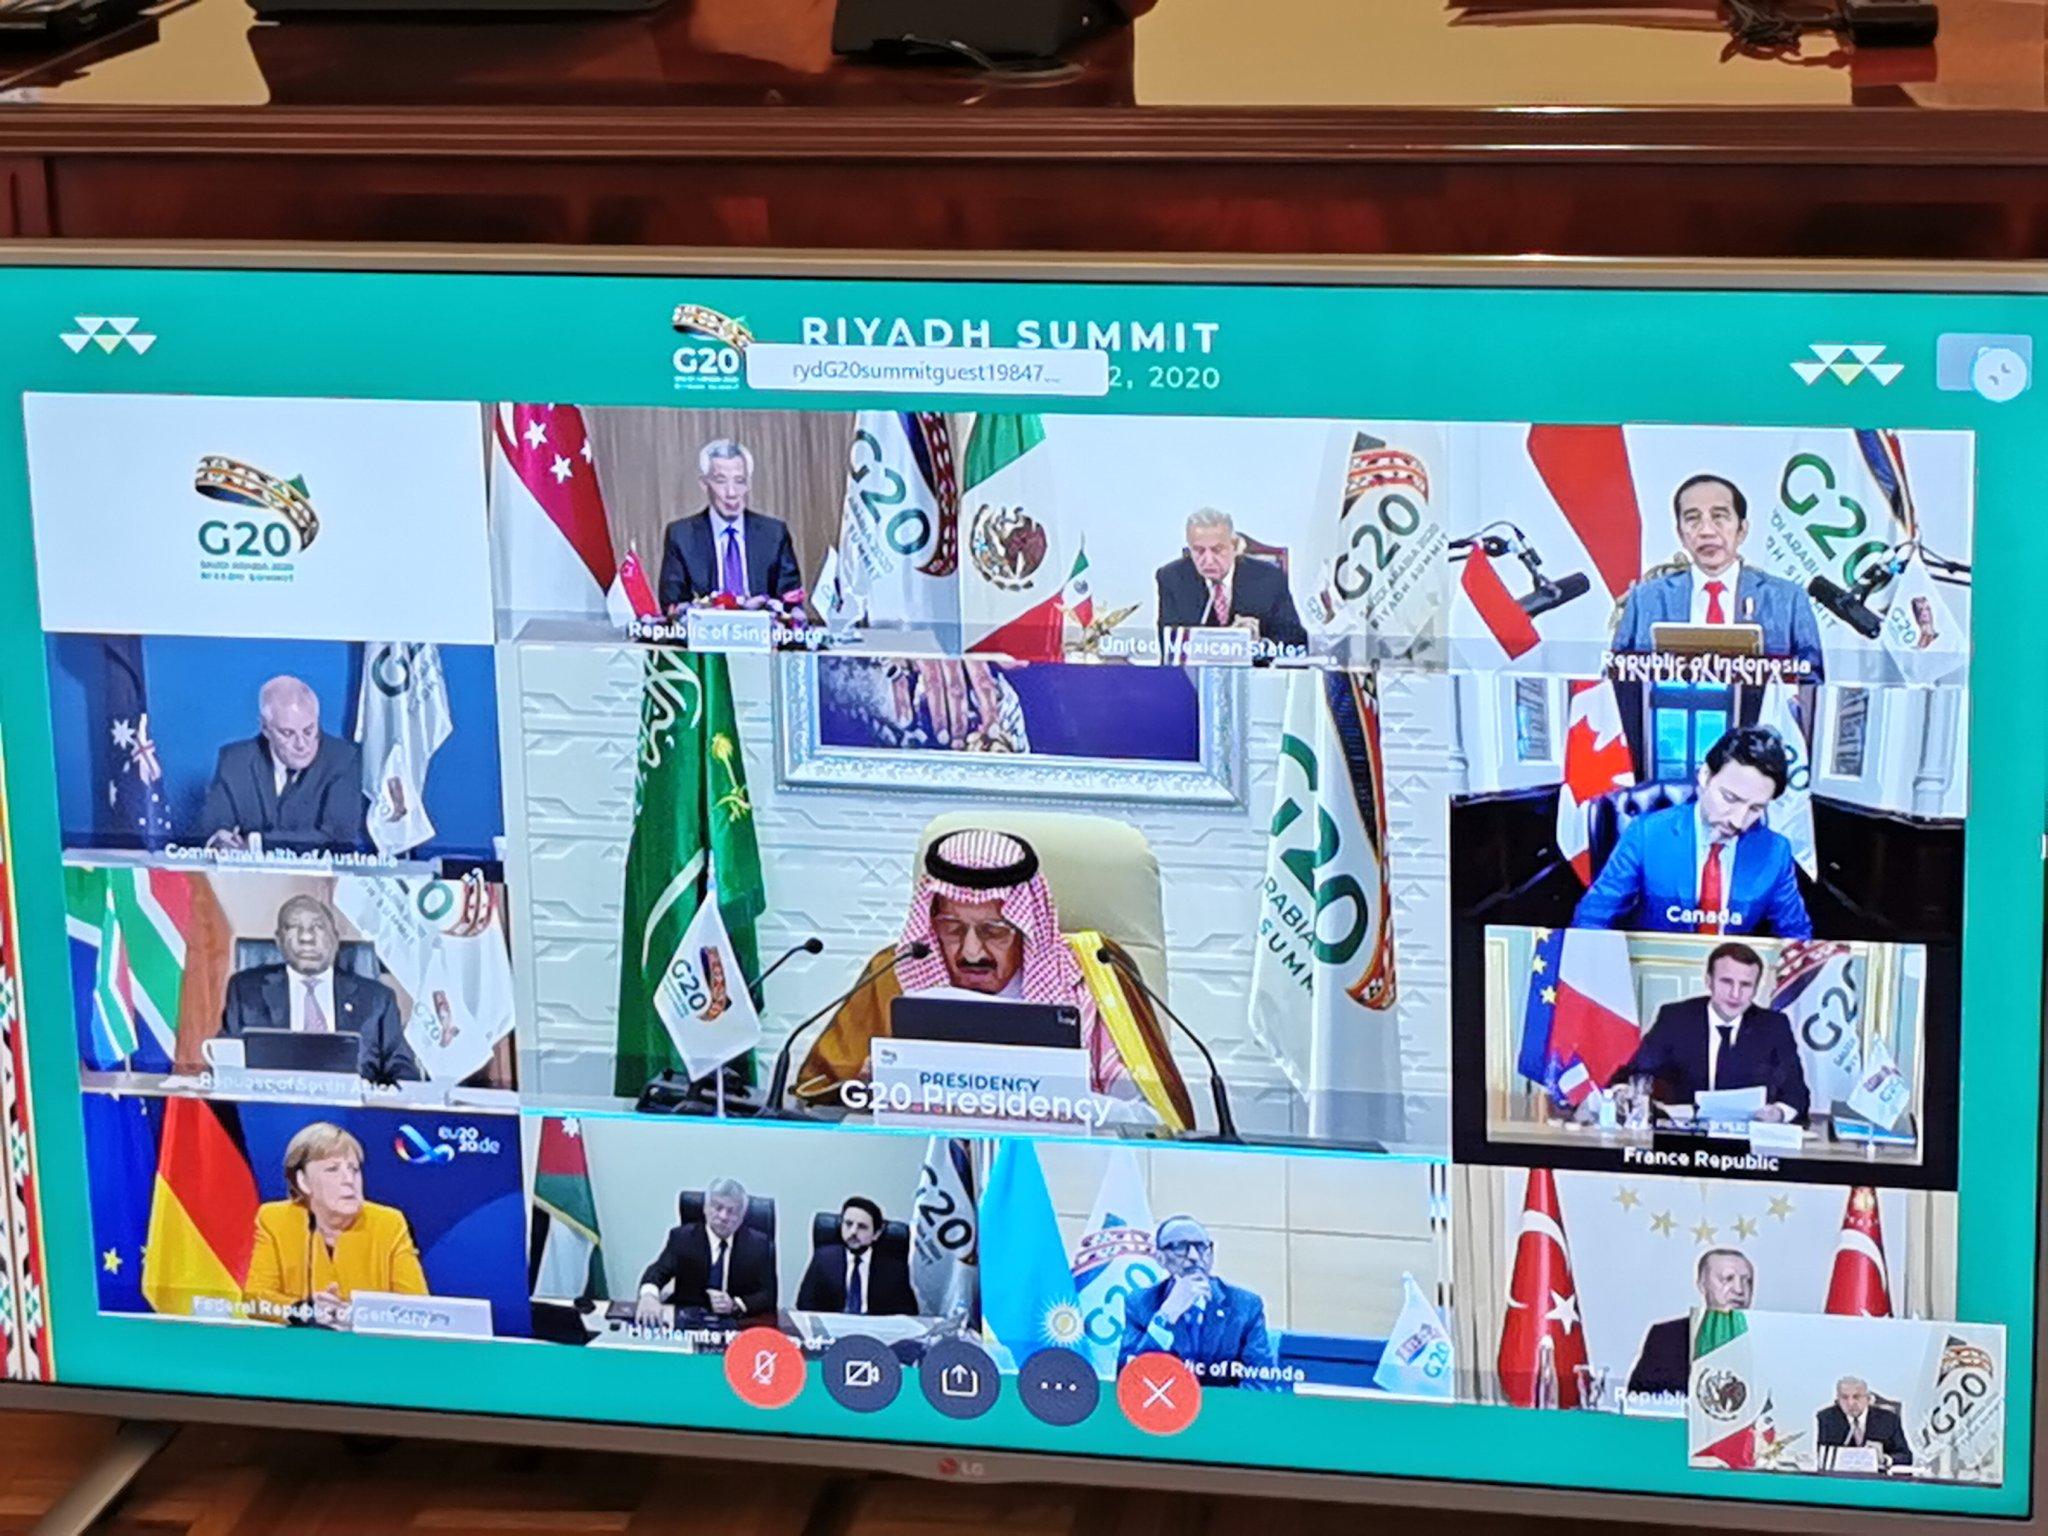 Durante reunión del G20, pide AMLO garantizar derecho humano a la salud